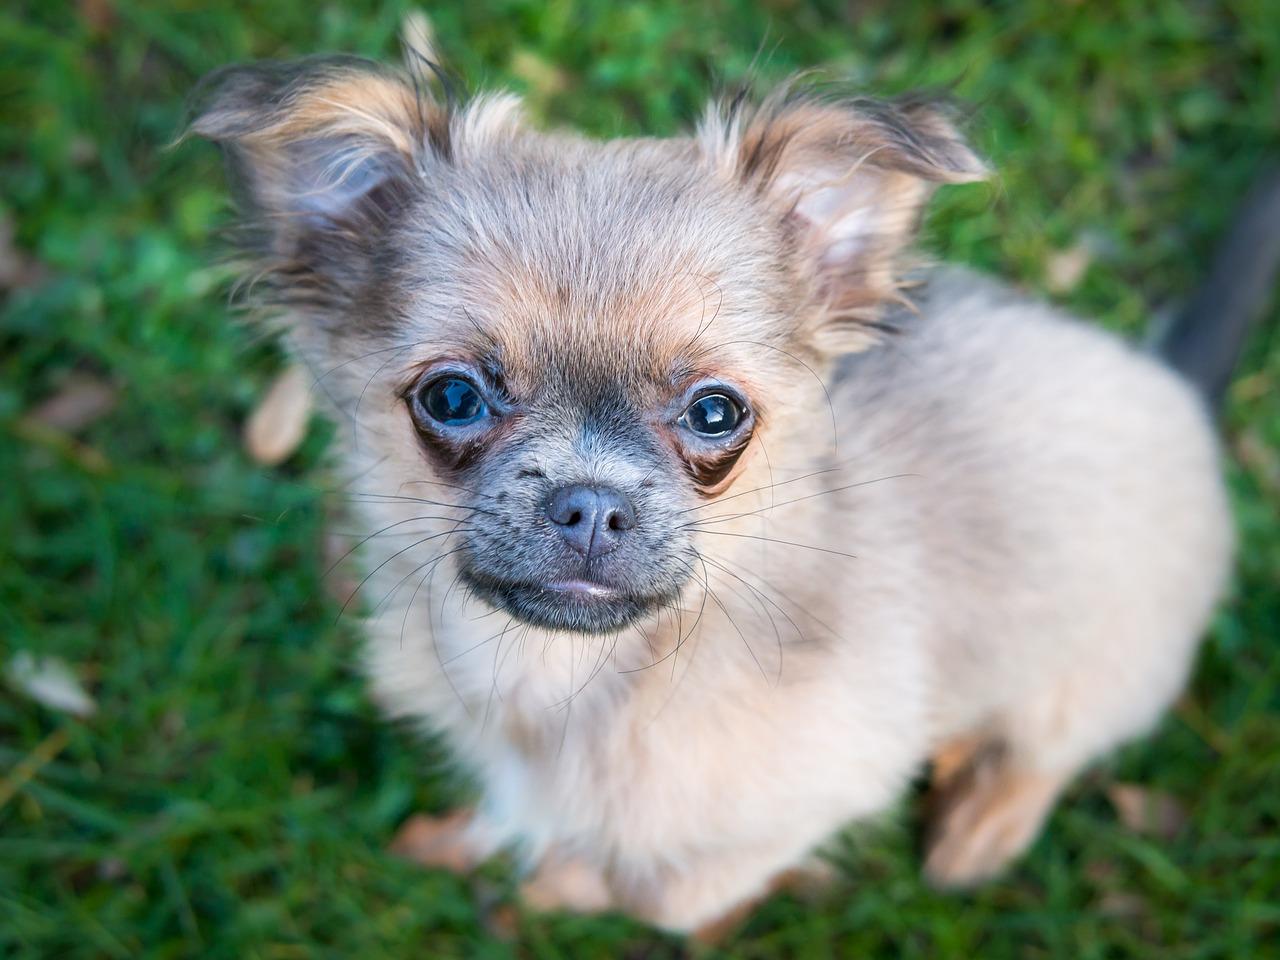 Chihuahua ancestors were mute!